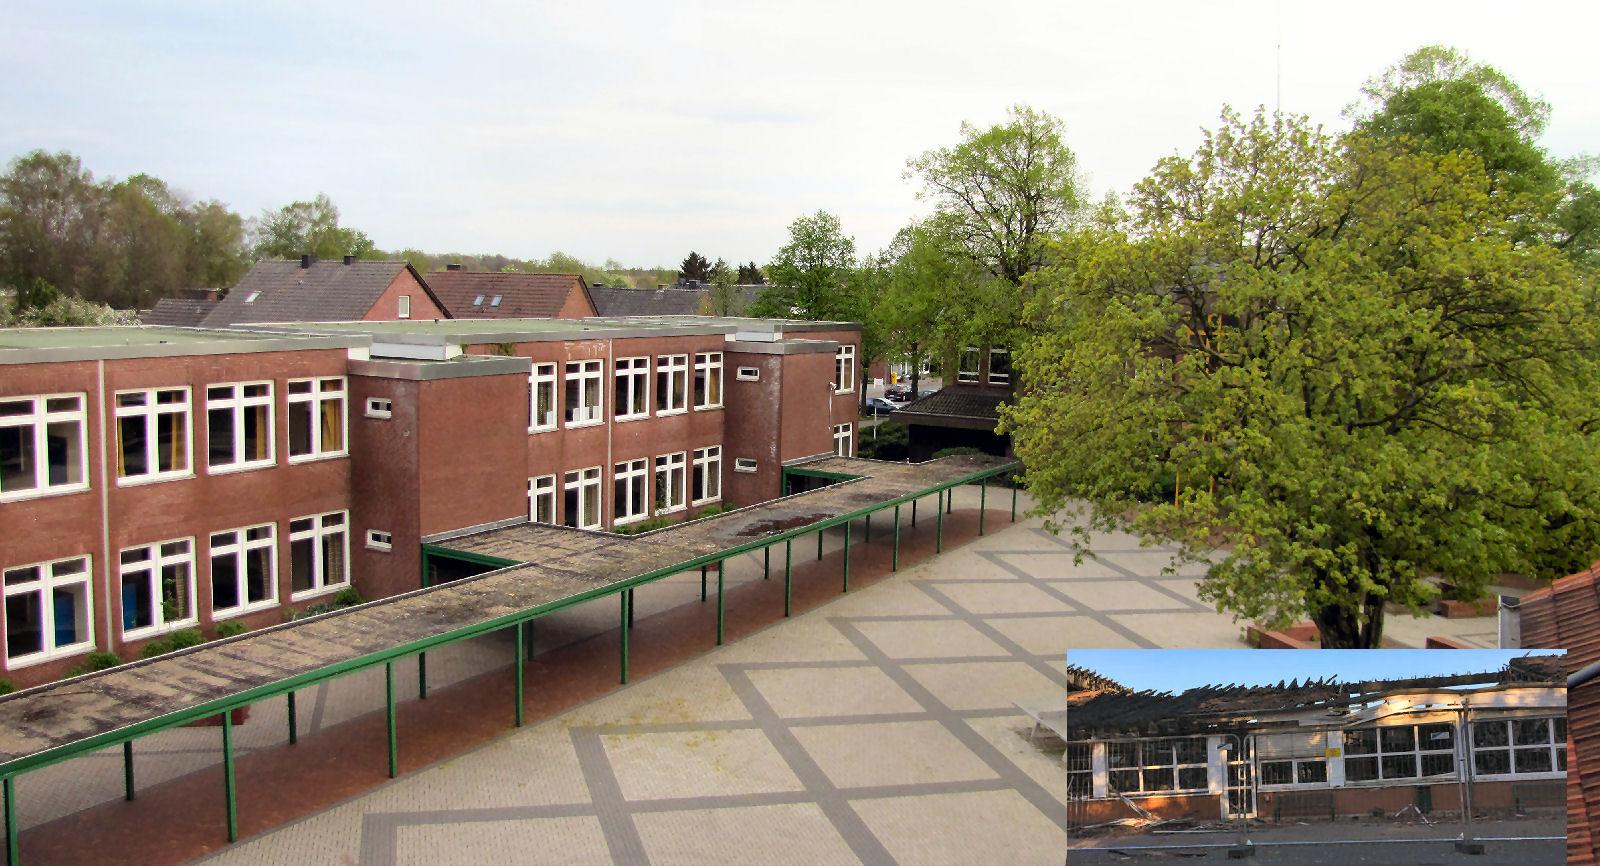 Laurentiusschule, Behindertenwerkstatt, Brand